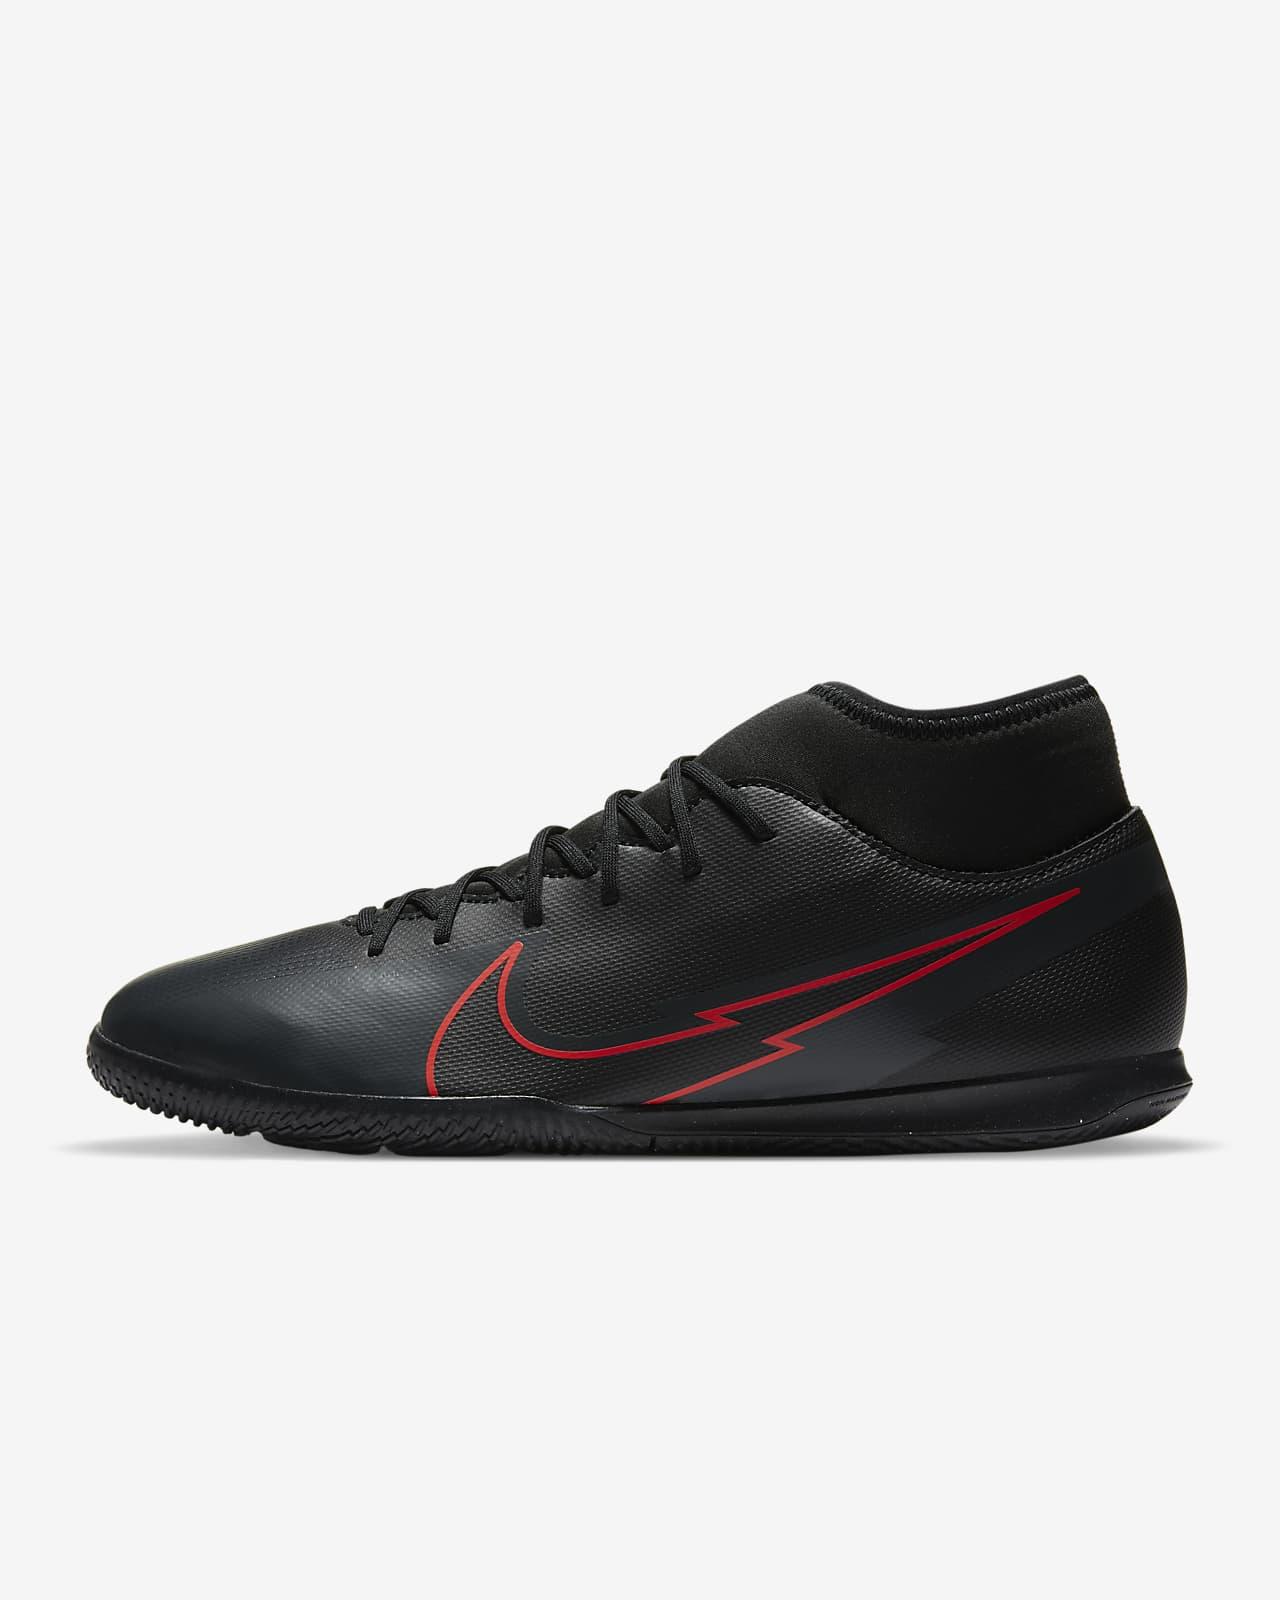 Sálová kopačka Nike Mercurial Superfly 7 Club IC